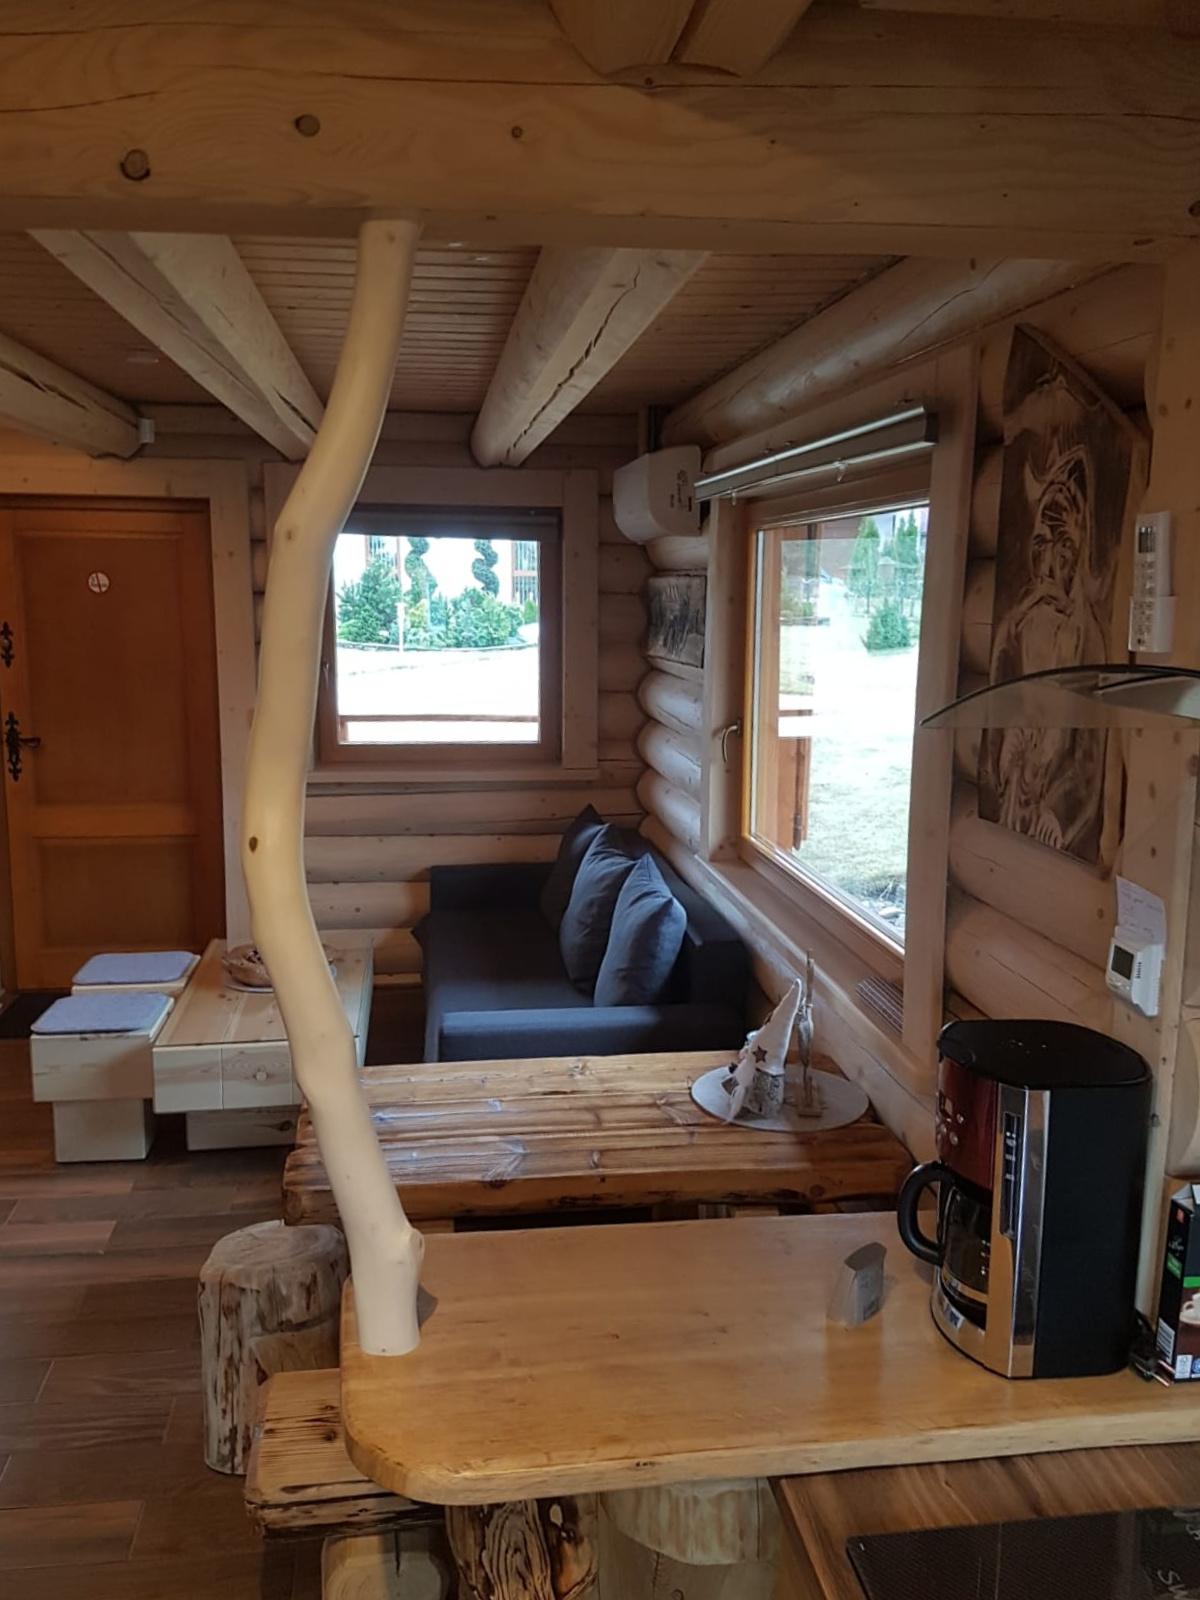 Wnajem domku z bali - Karpacz - Ściegny